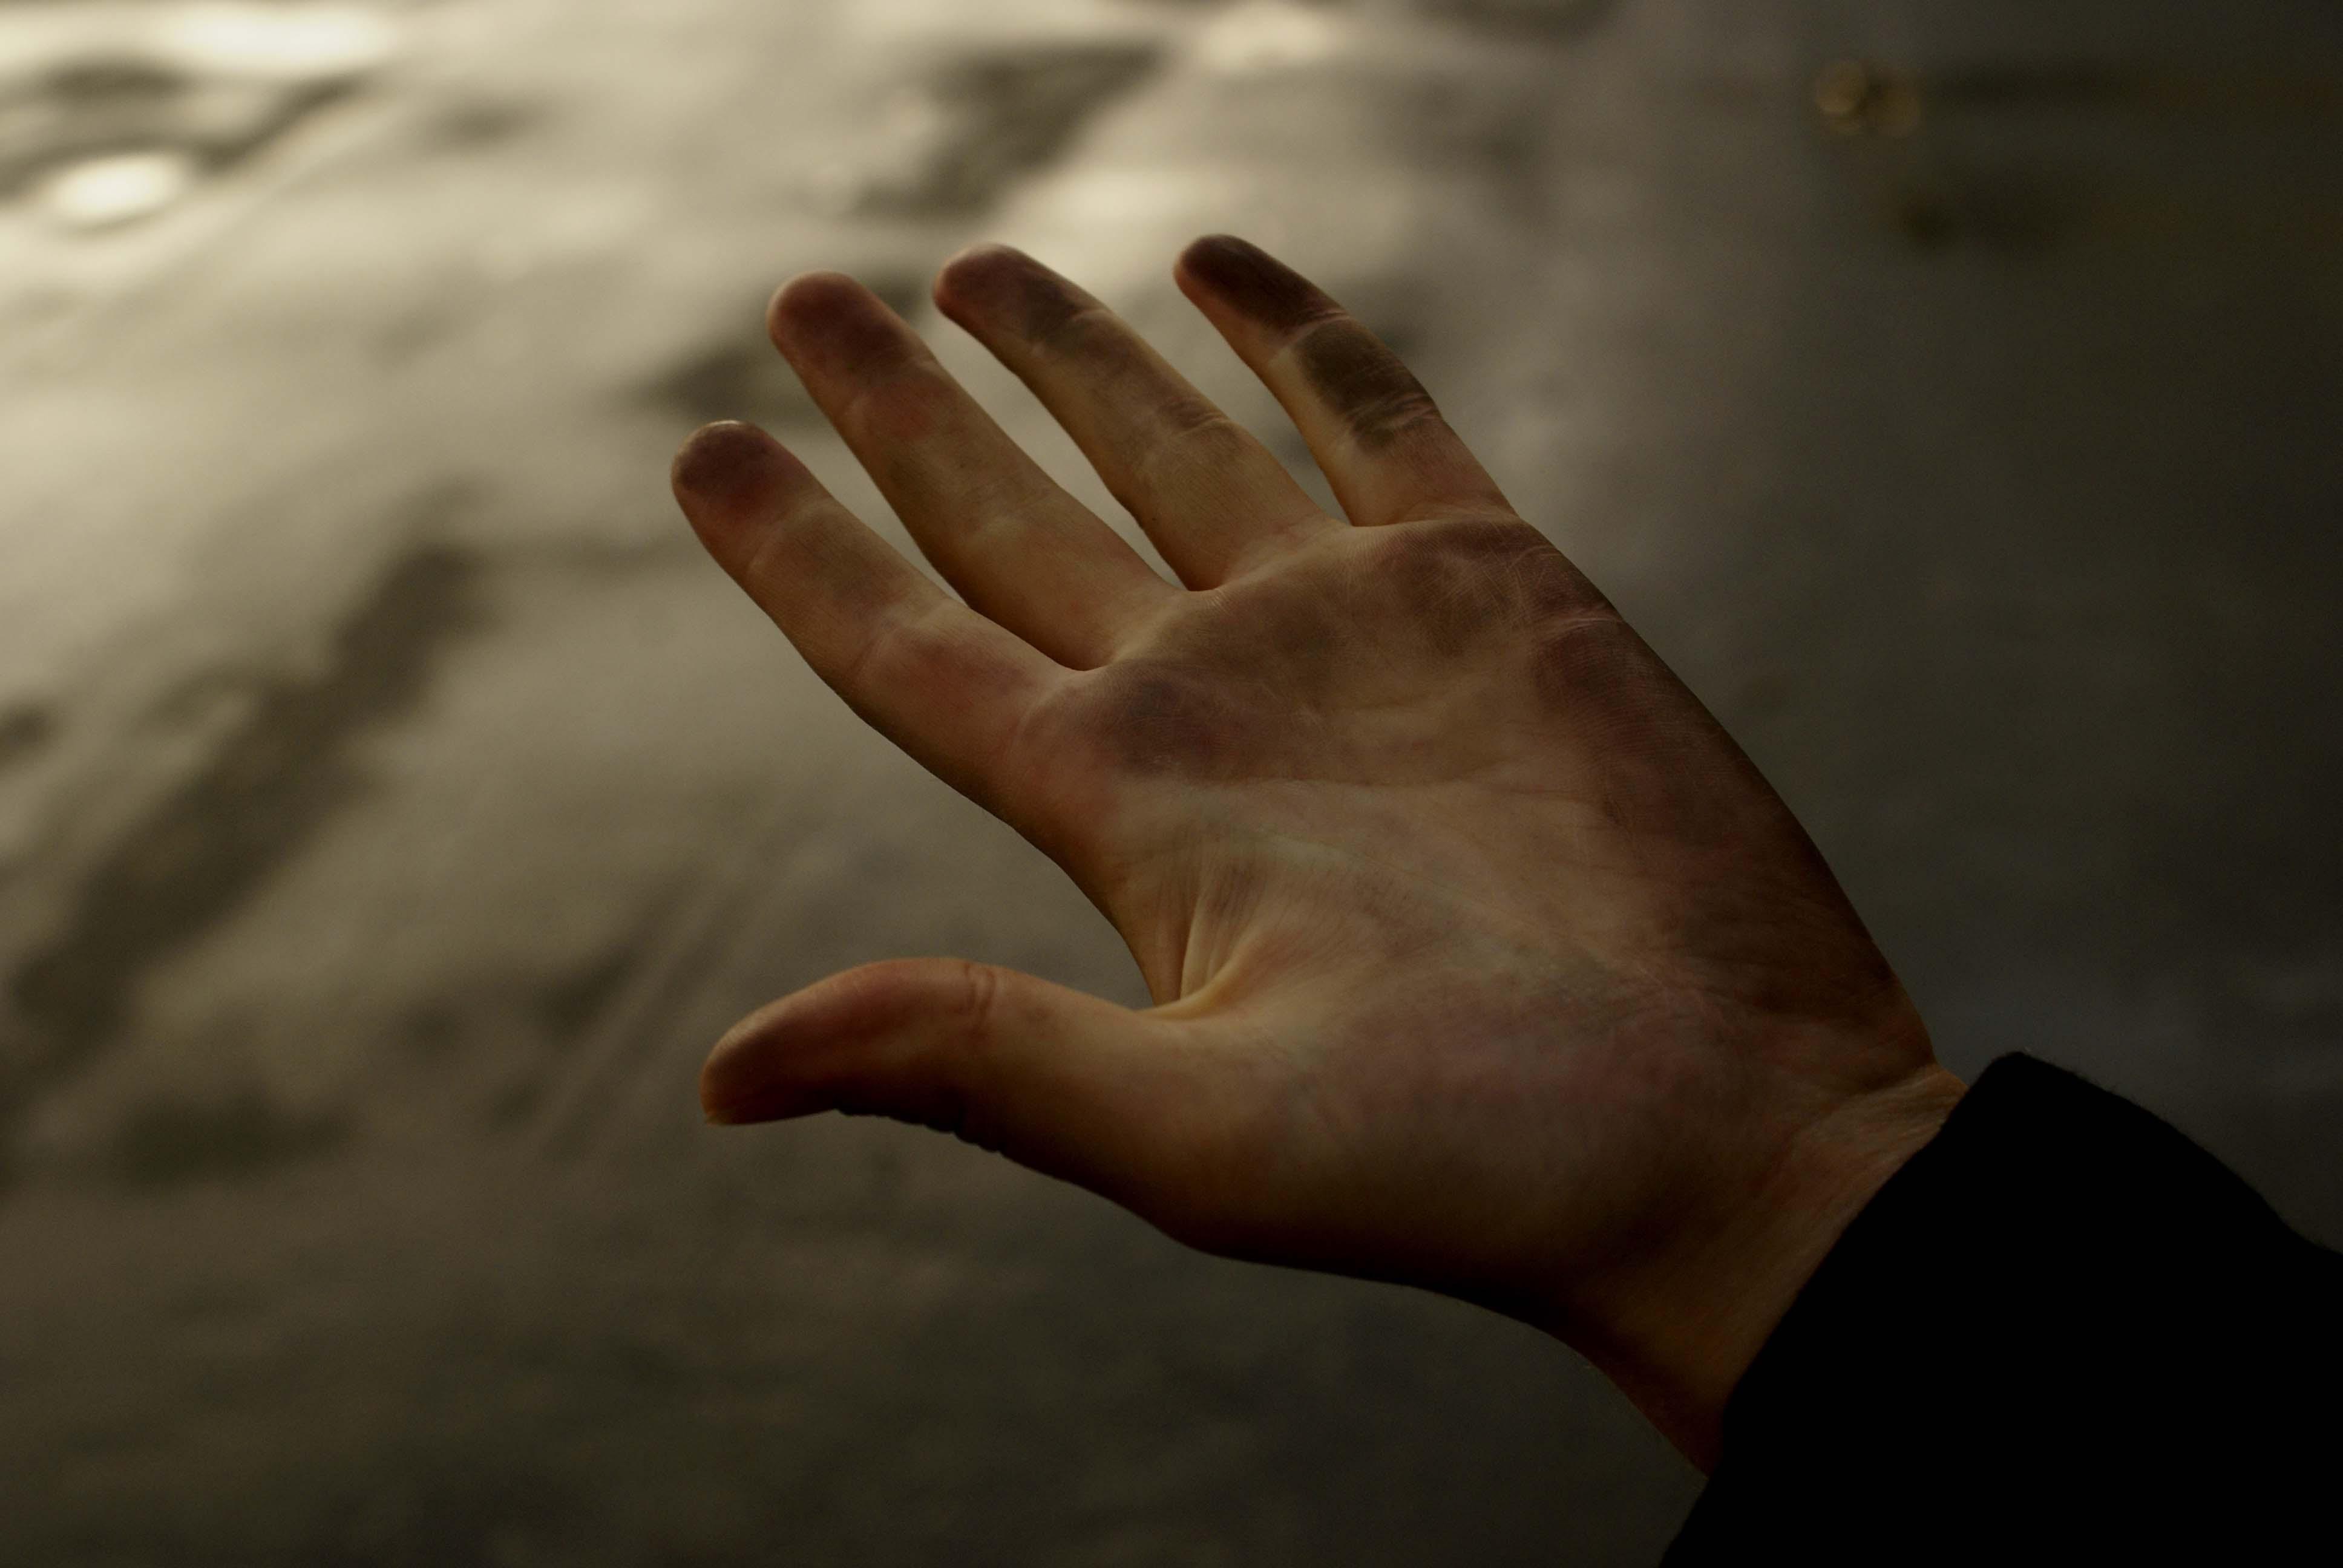 Дай мне свою руку и мы поднимемся выше 67